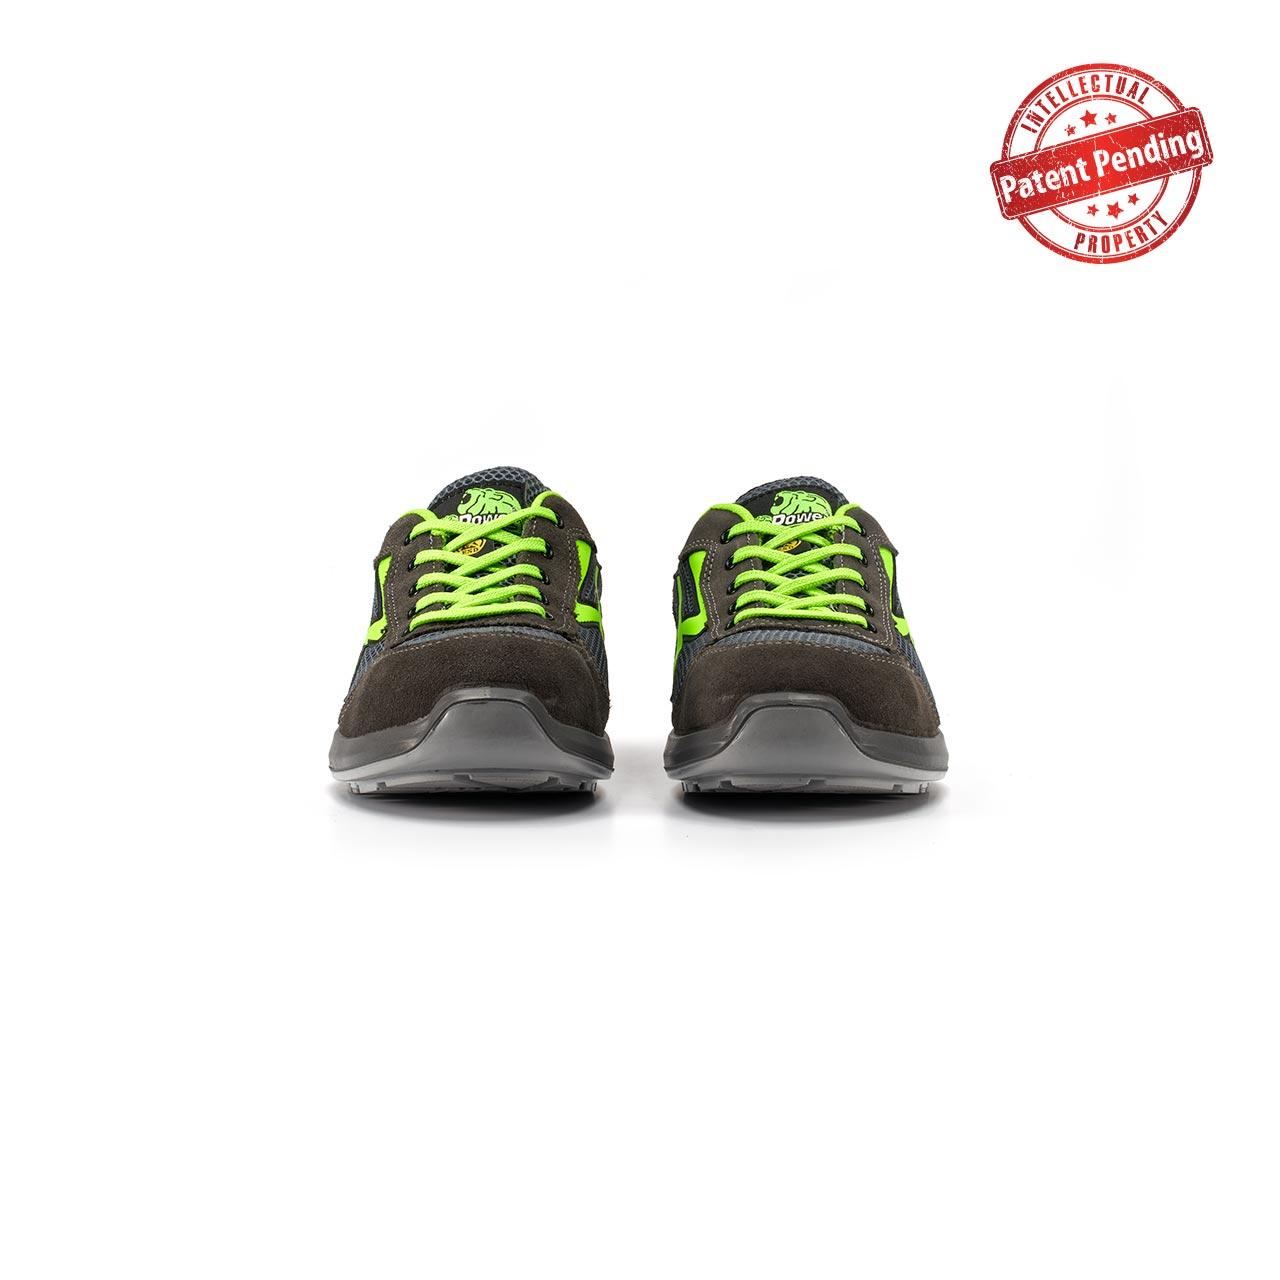 paio di scarpe antinfortunistiche upower modello gemini linea redup vista frontale